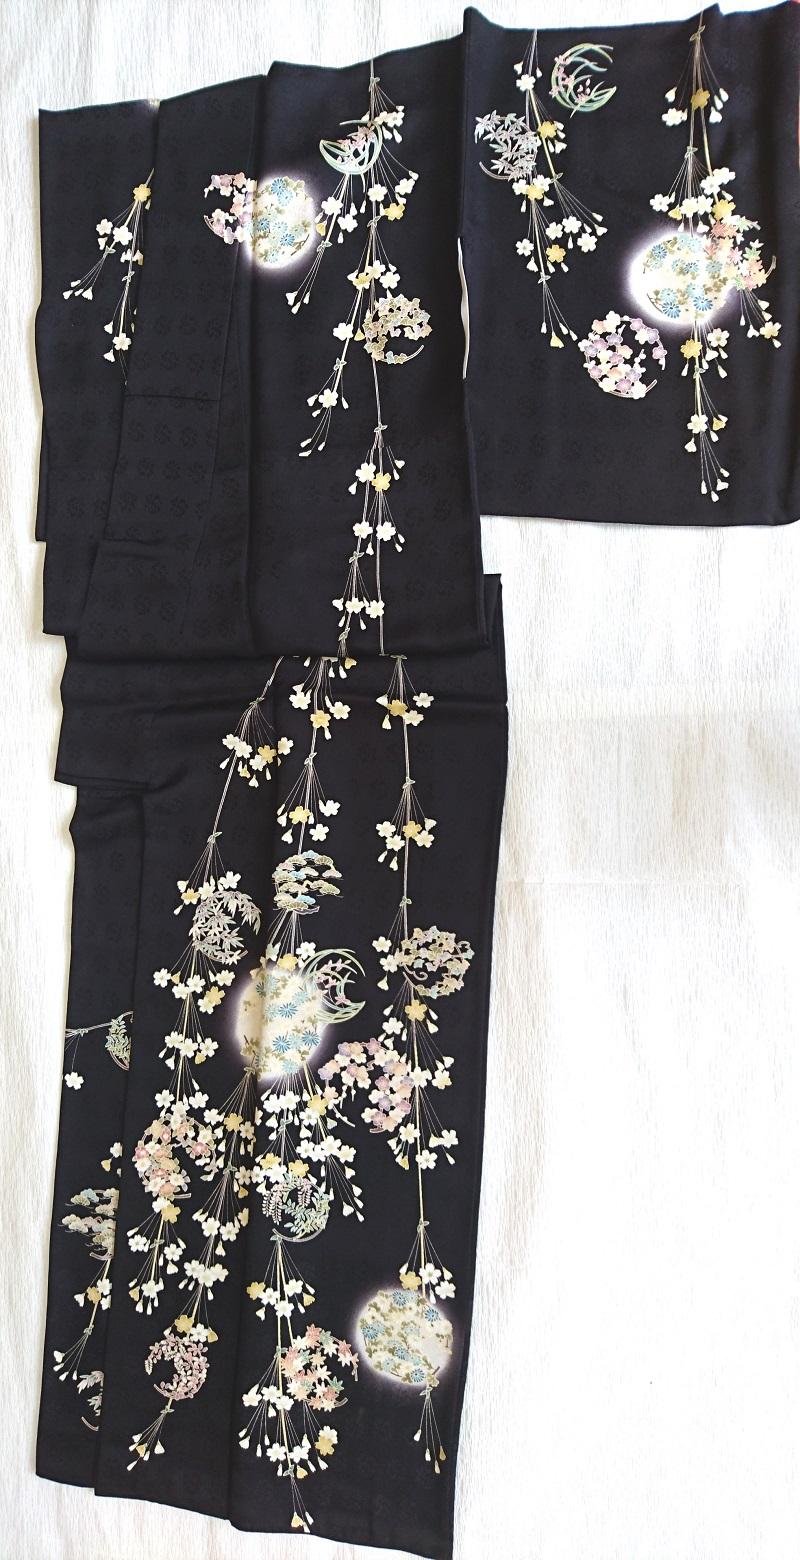 黒枝垂れ桜